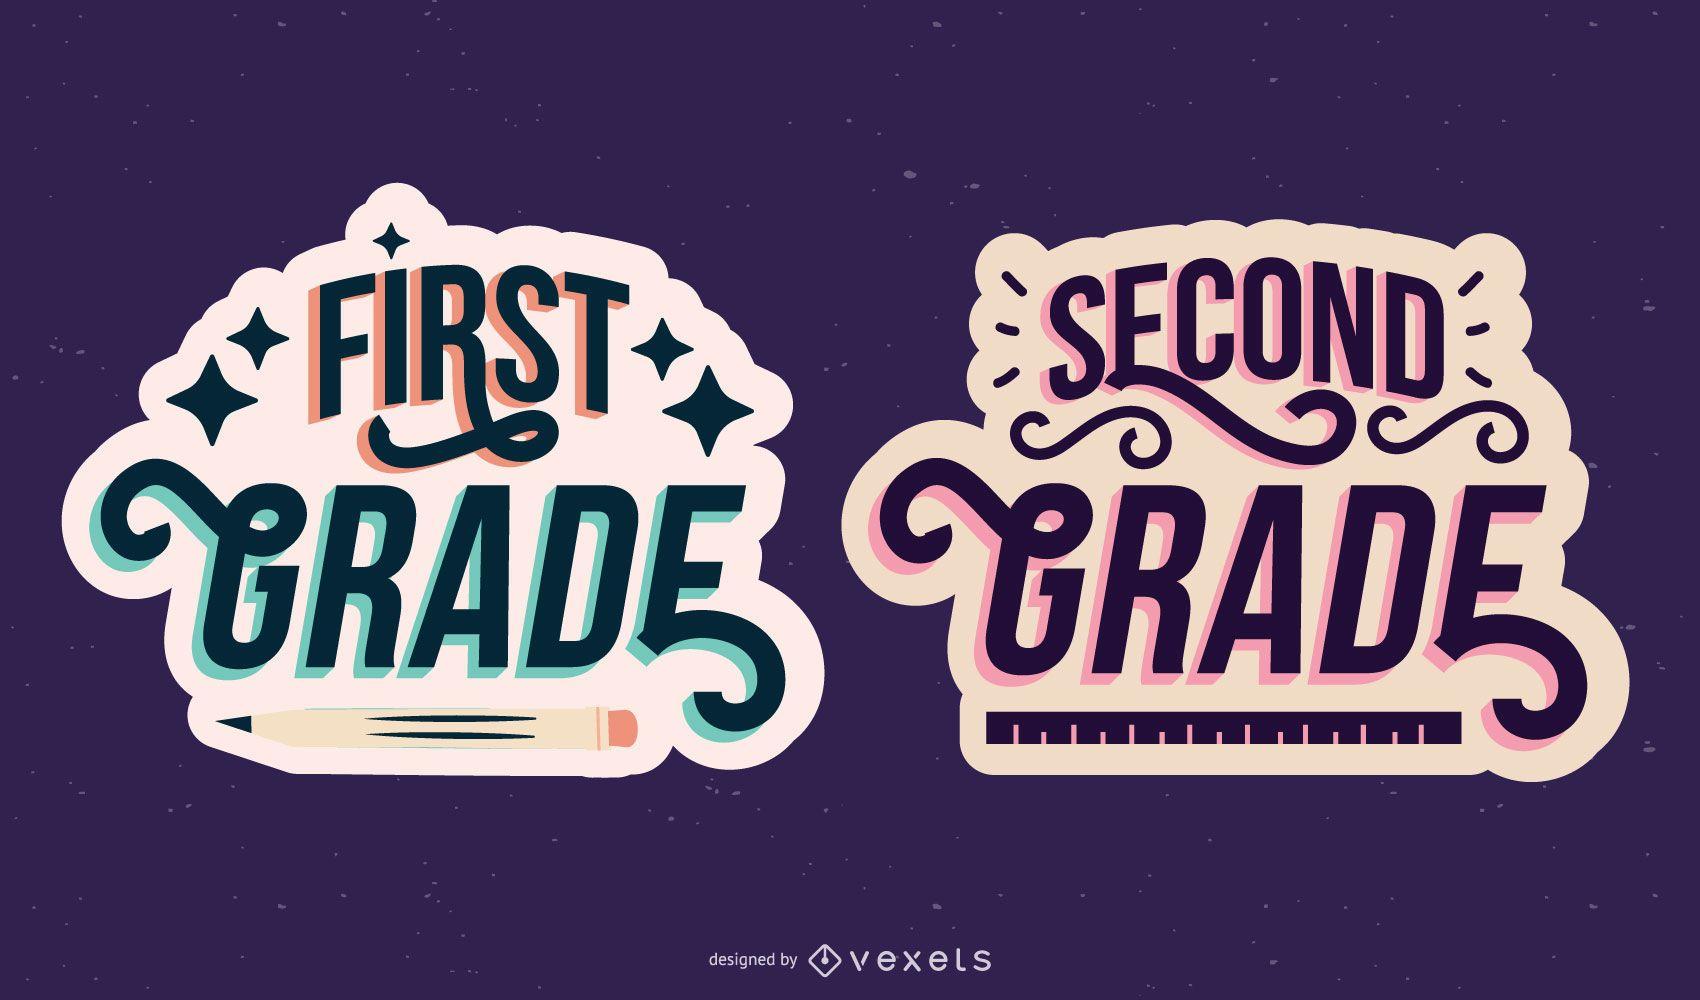 Conjunto de letras de primer segundo grado